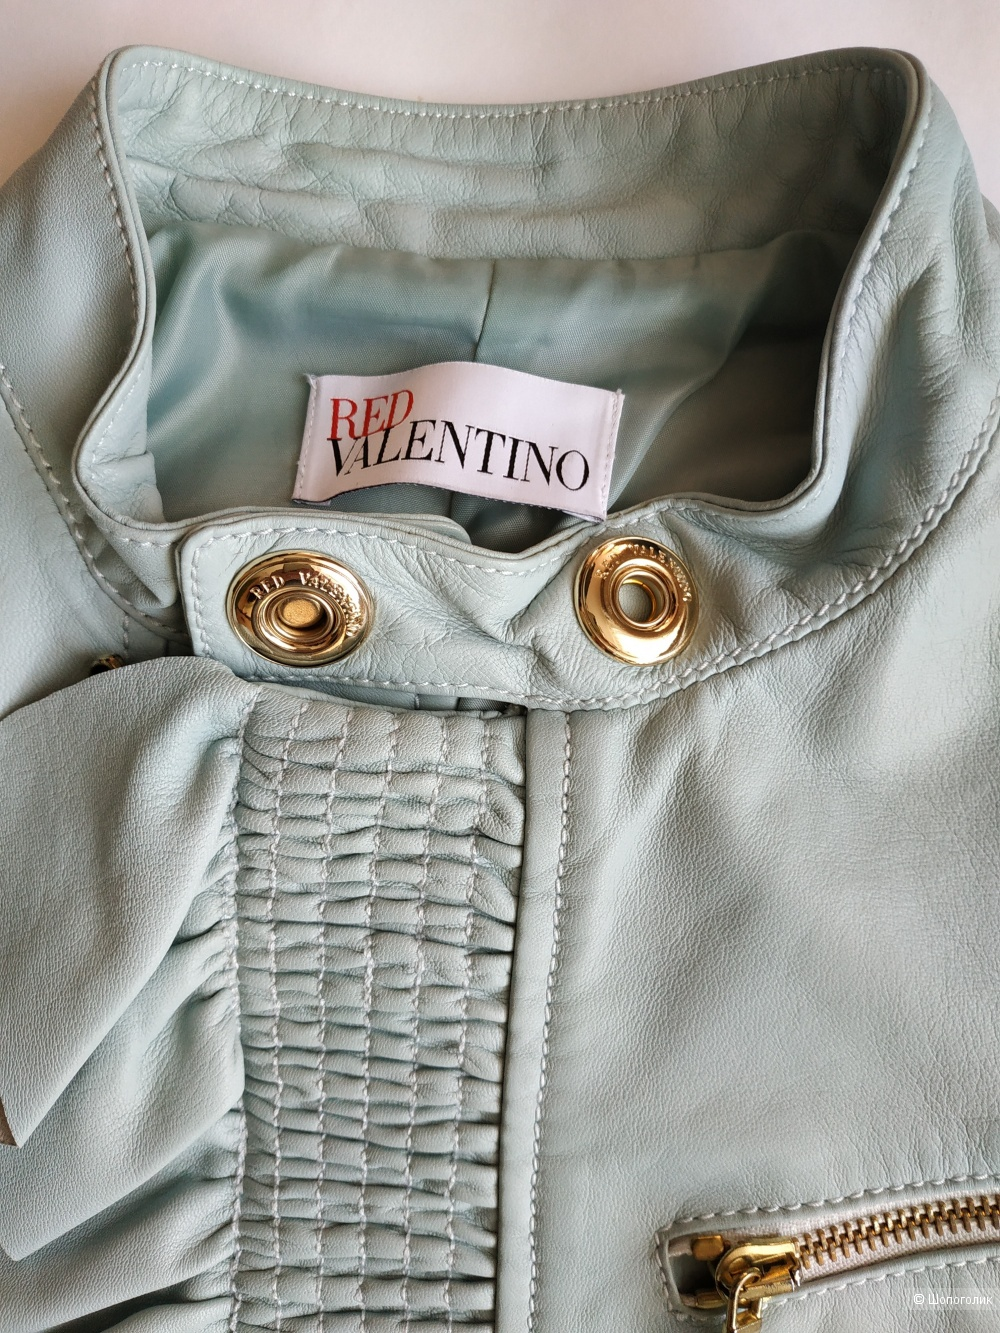 Куртка Red  VALENTINO , размер XS/S